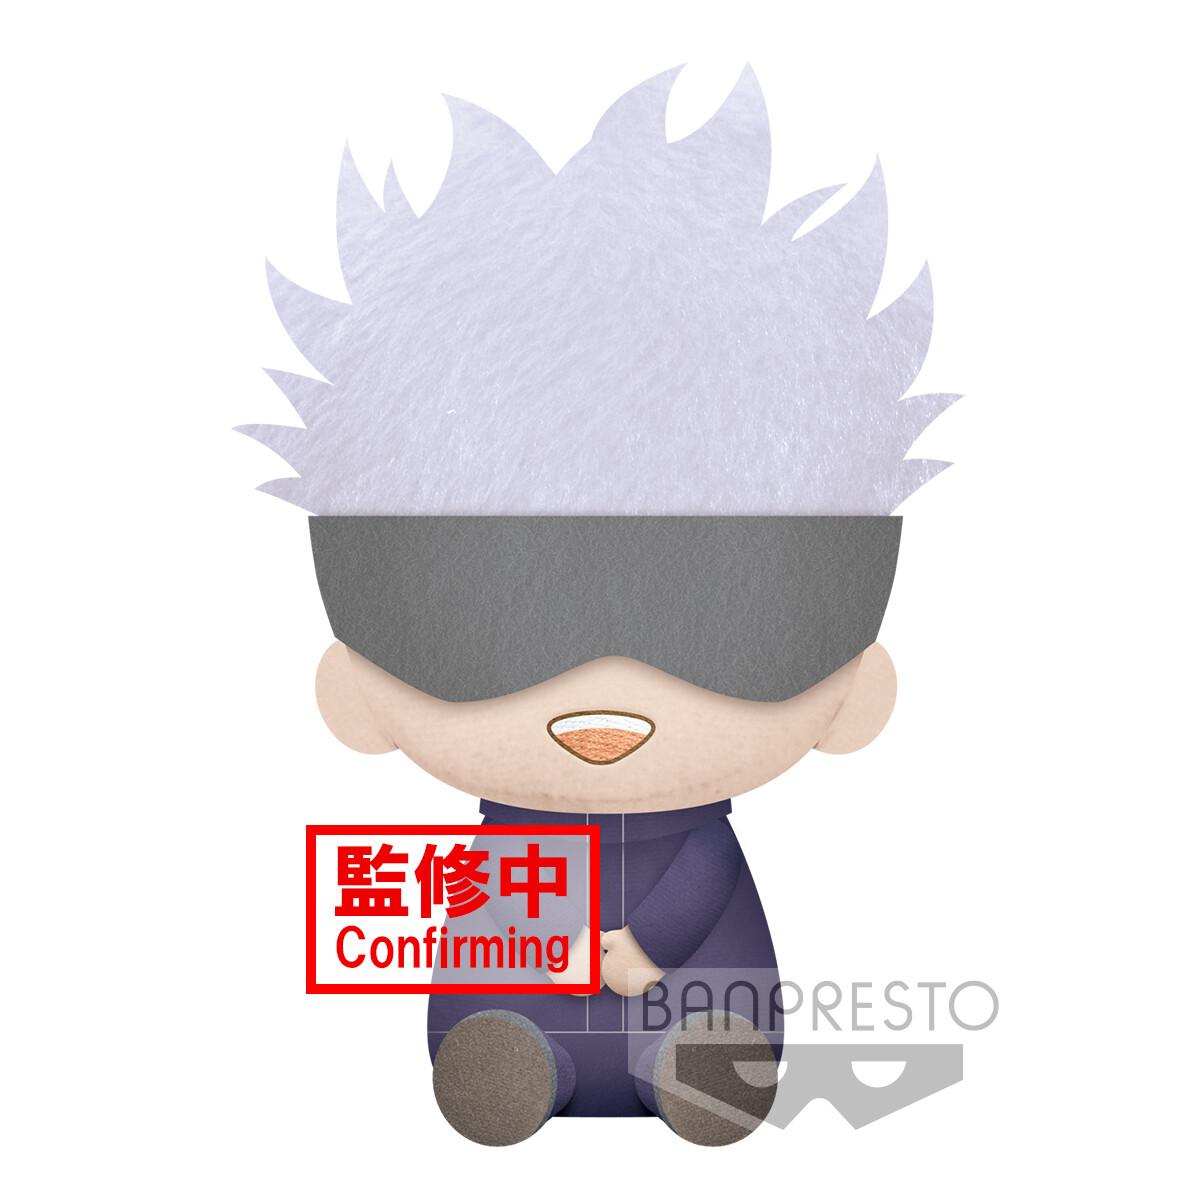 PRE-ORDER Banpresto Jujutsu Kaisen Big Plush Satoru Gojo